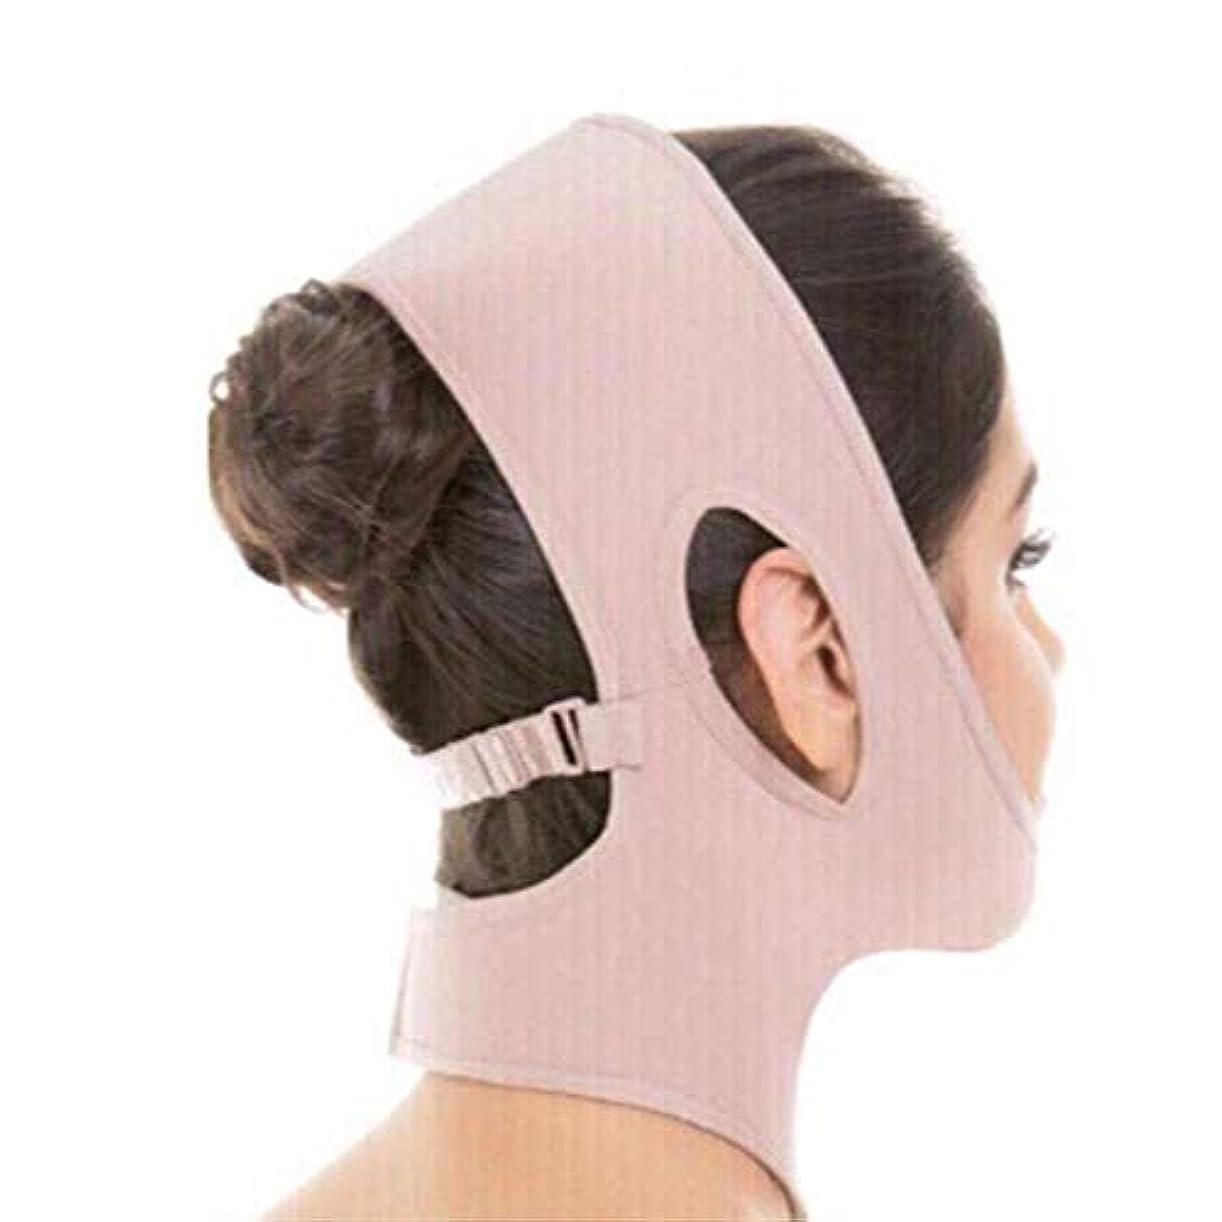 引き潮エッセイ誕生フェイスリフティングバンデージ、フェイスリフティングマスク、顔面の首と首を持ち上げる、顔を持ち上げて二重あごを減らす(フリーサイズ)(カラー:カーキ色),カーキ